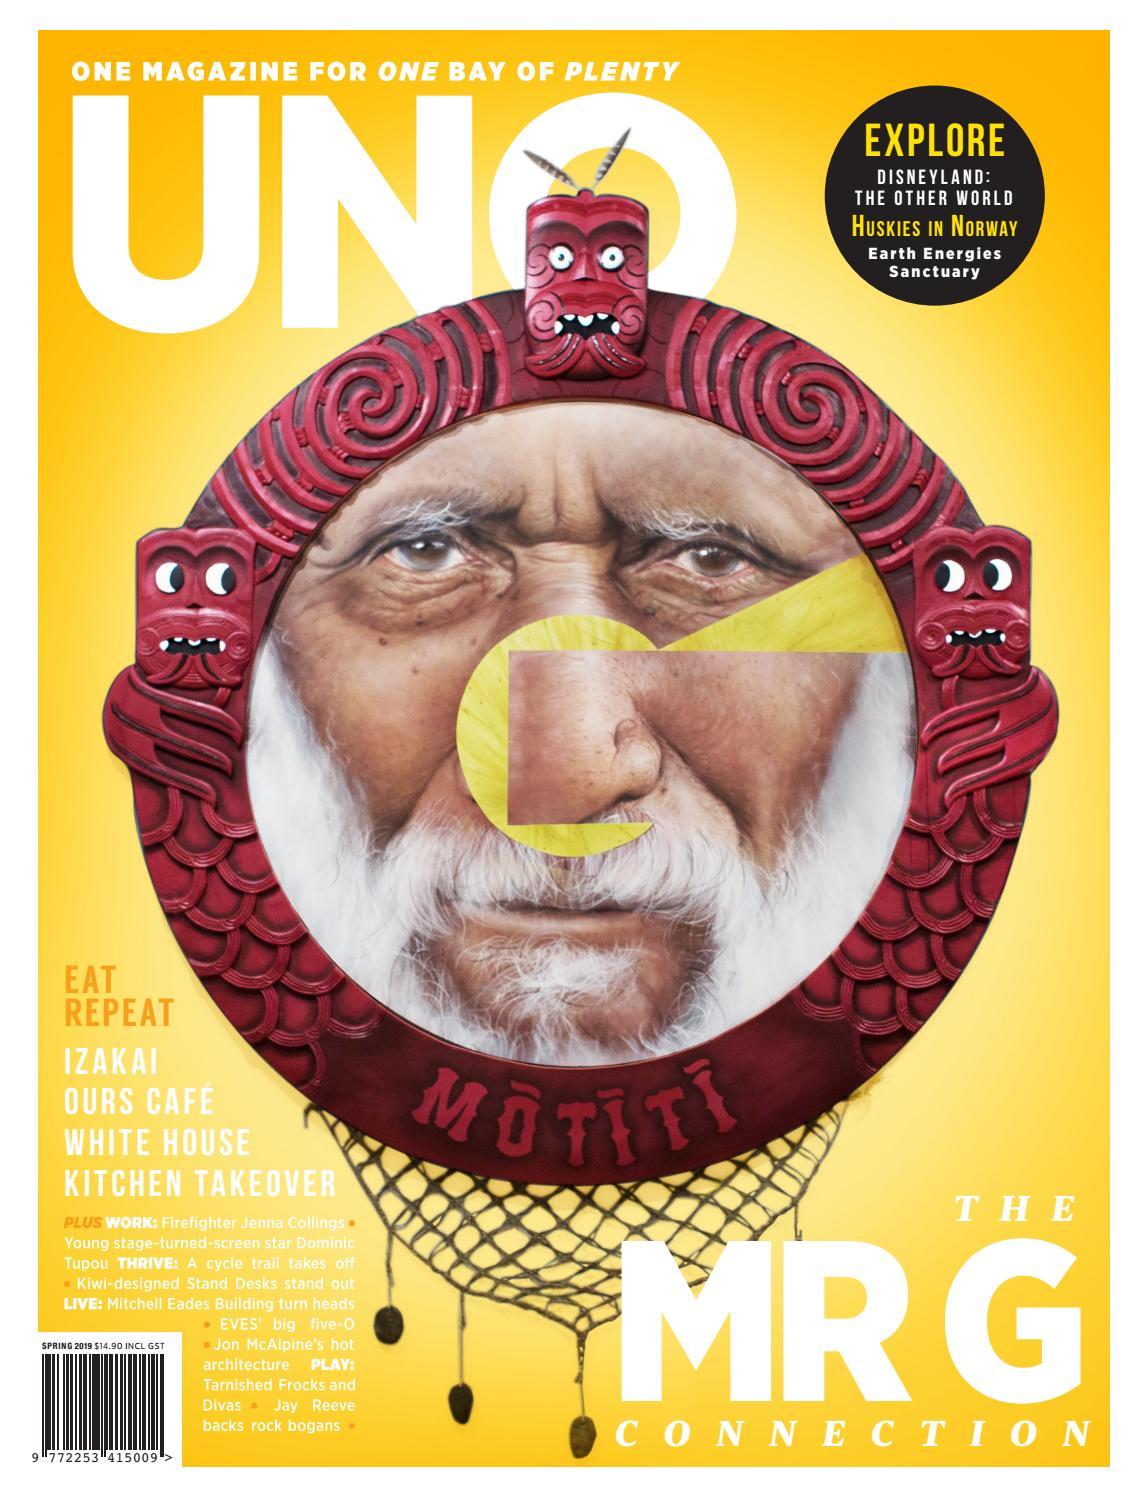 UNO Magazine   Issue 40   Mr G   Spring 40 by UNO Magazine   issuu